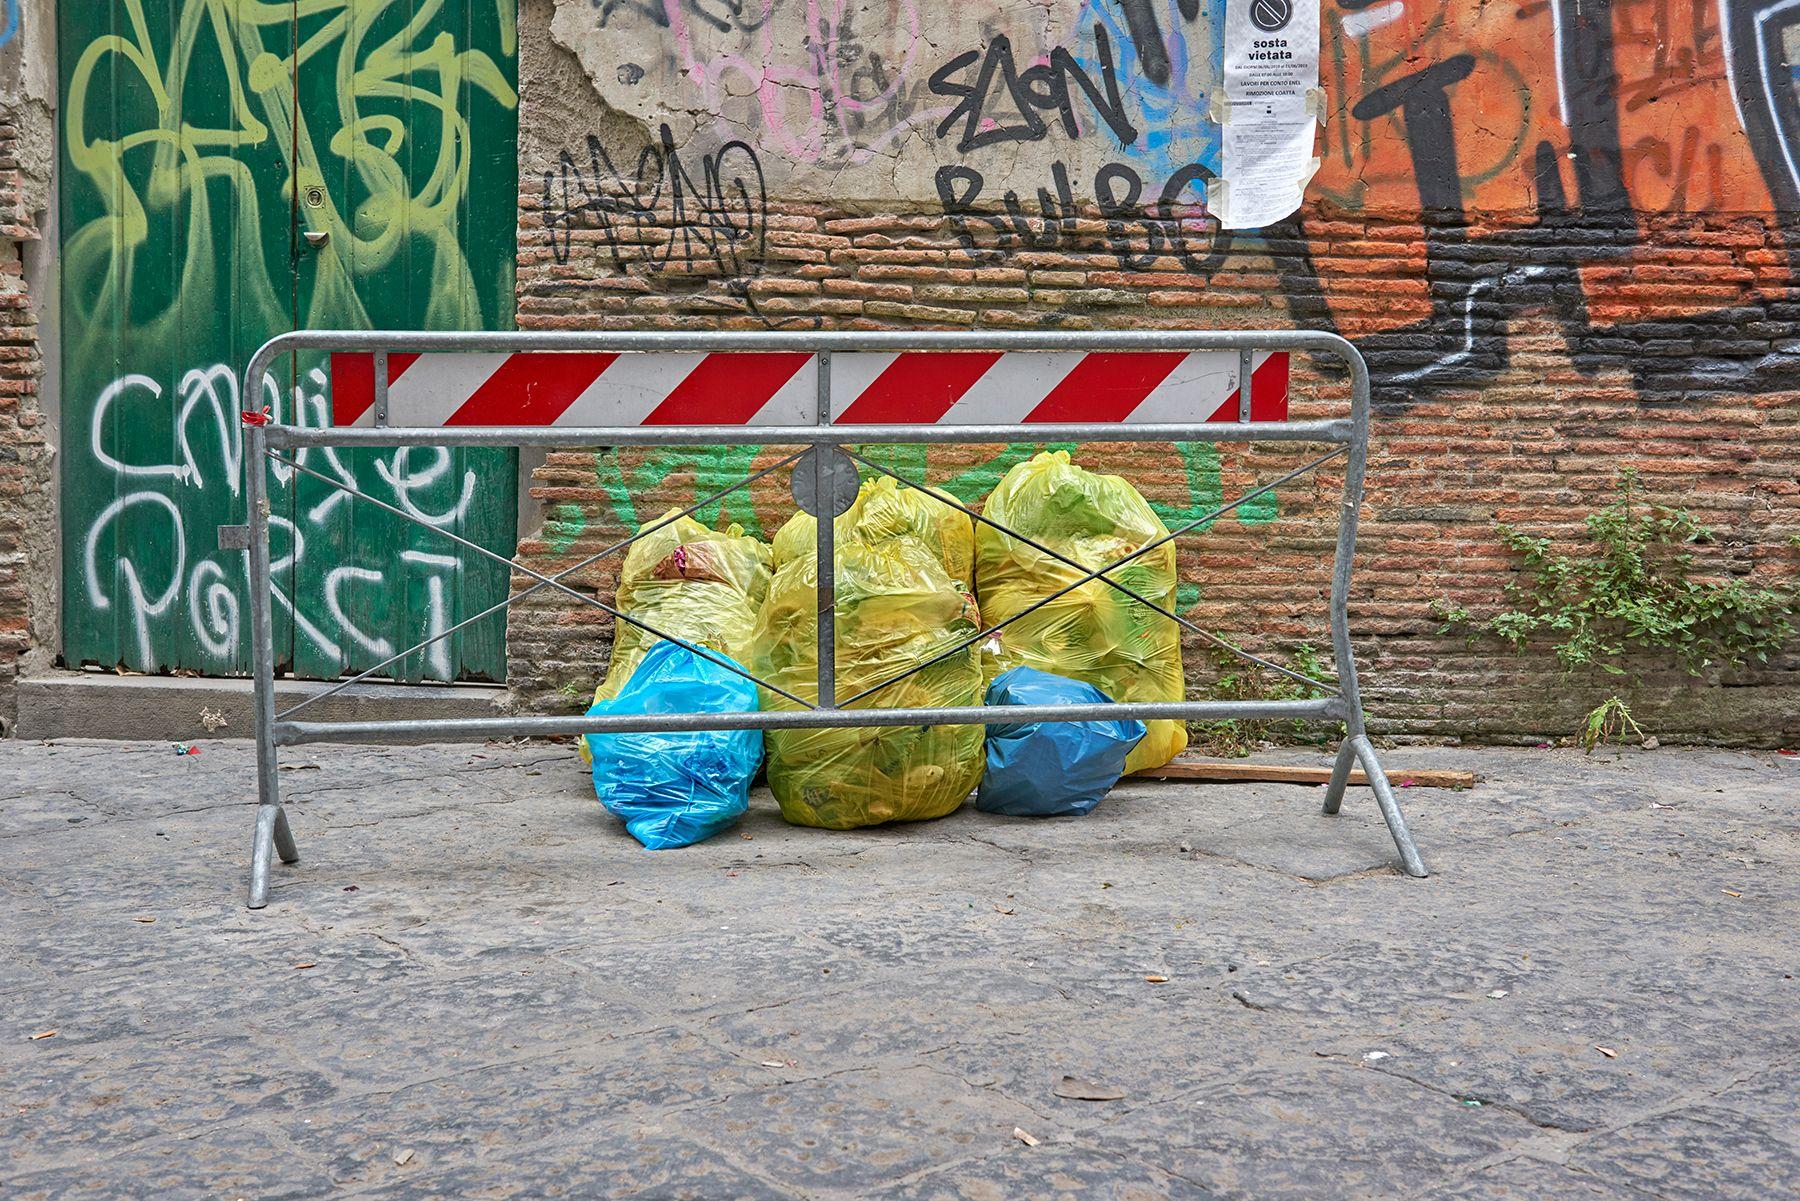 El negocio de la basura